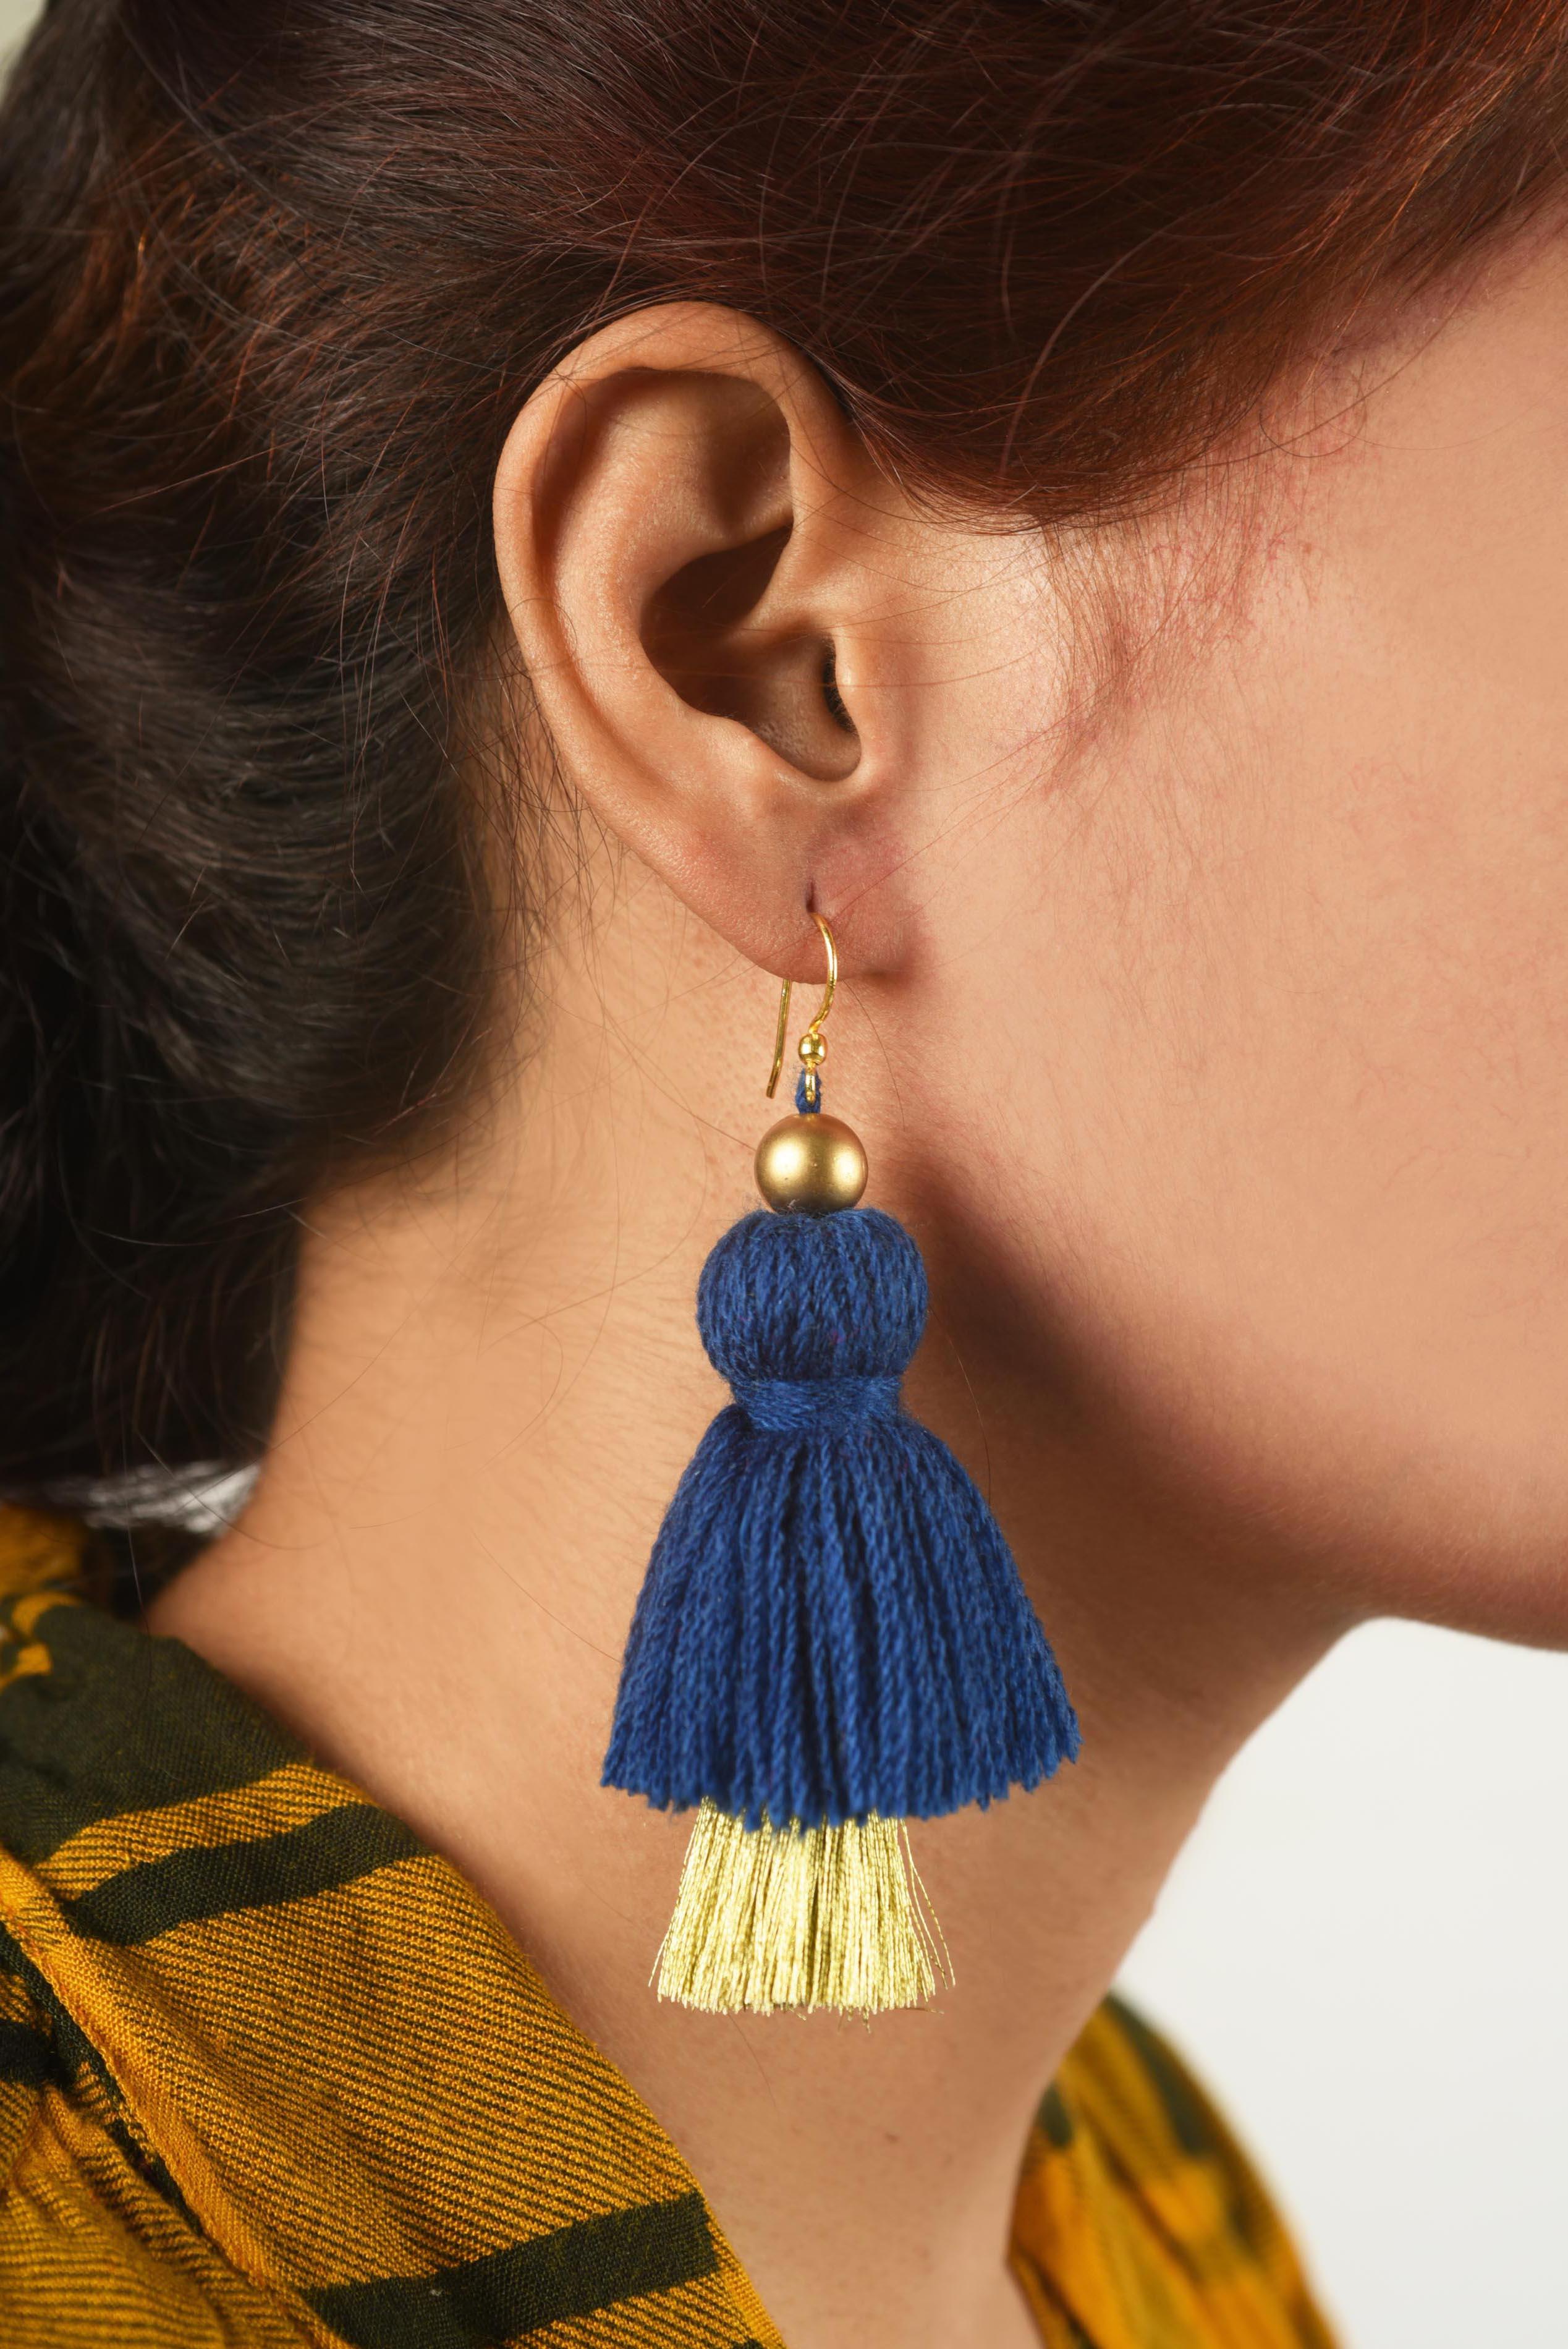 Tassel earring, 2 tier, blue and gold earrings, threader earrings, tribal earrings, Boho jewelry,